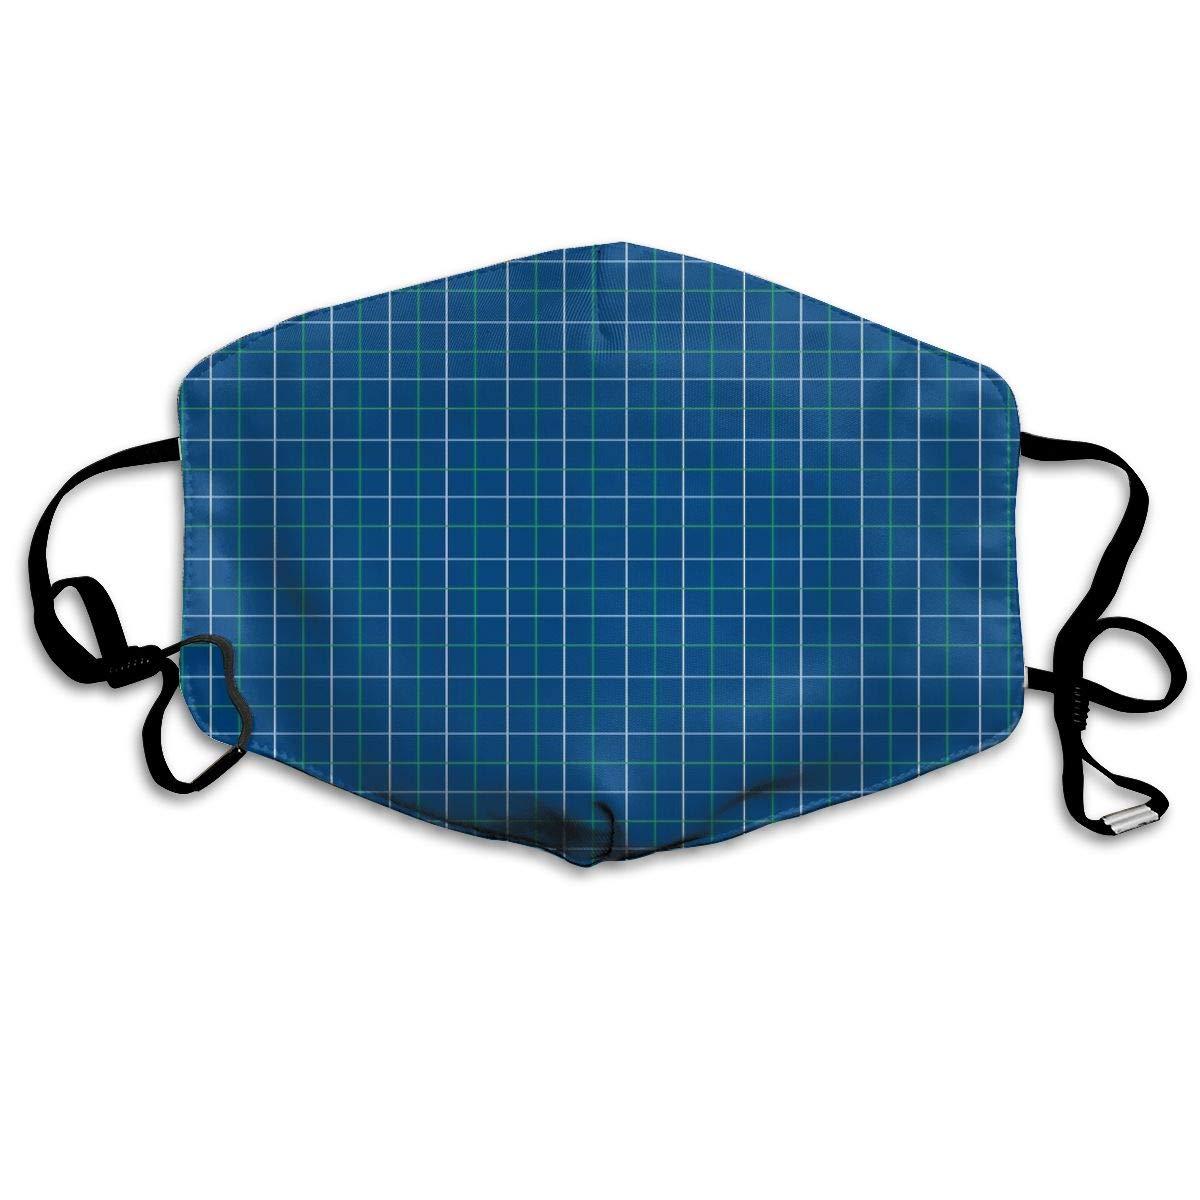 Máscara bucal Unisex Antipolvo para esquí, Ciclismo, Camping, Animal, Rejilla Azul